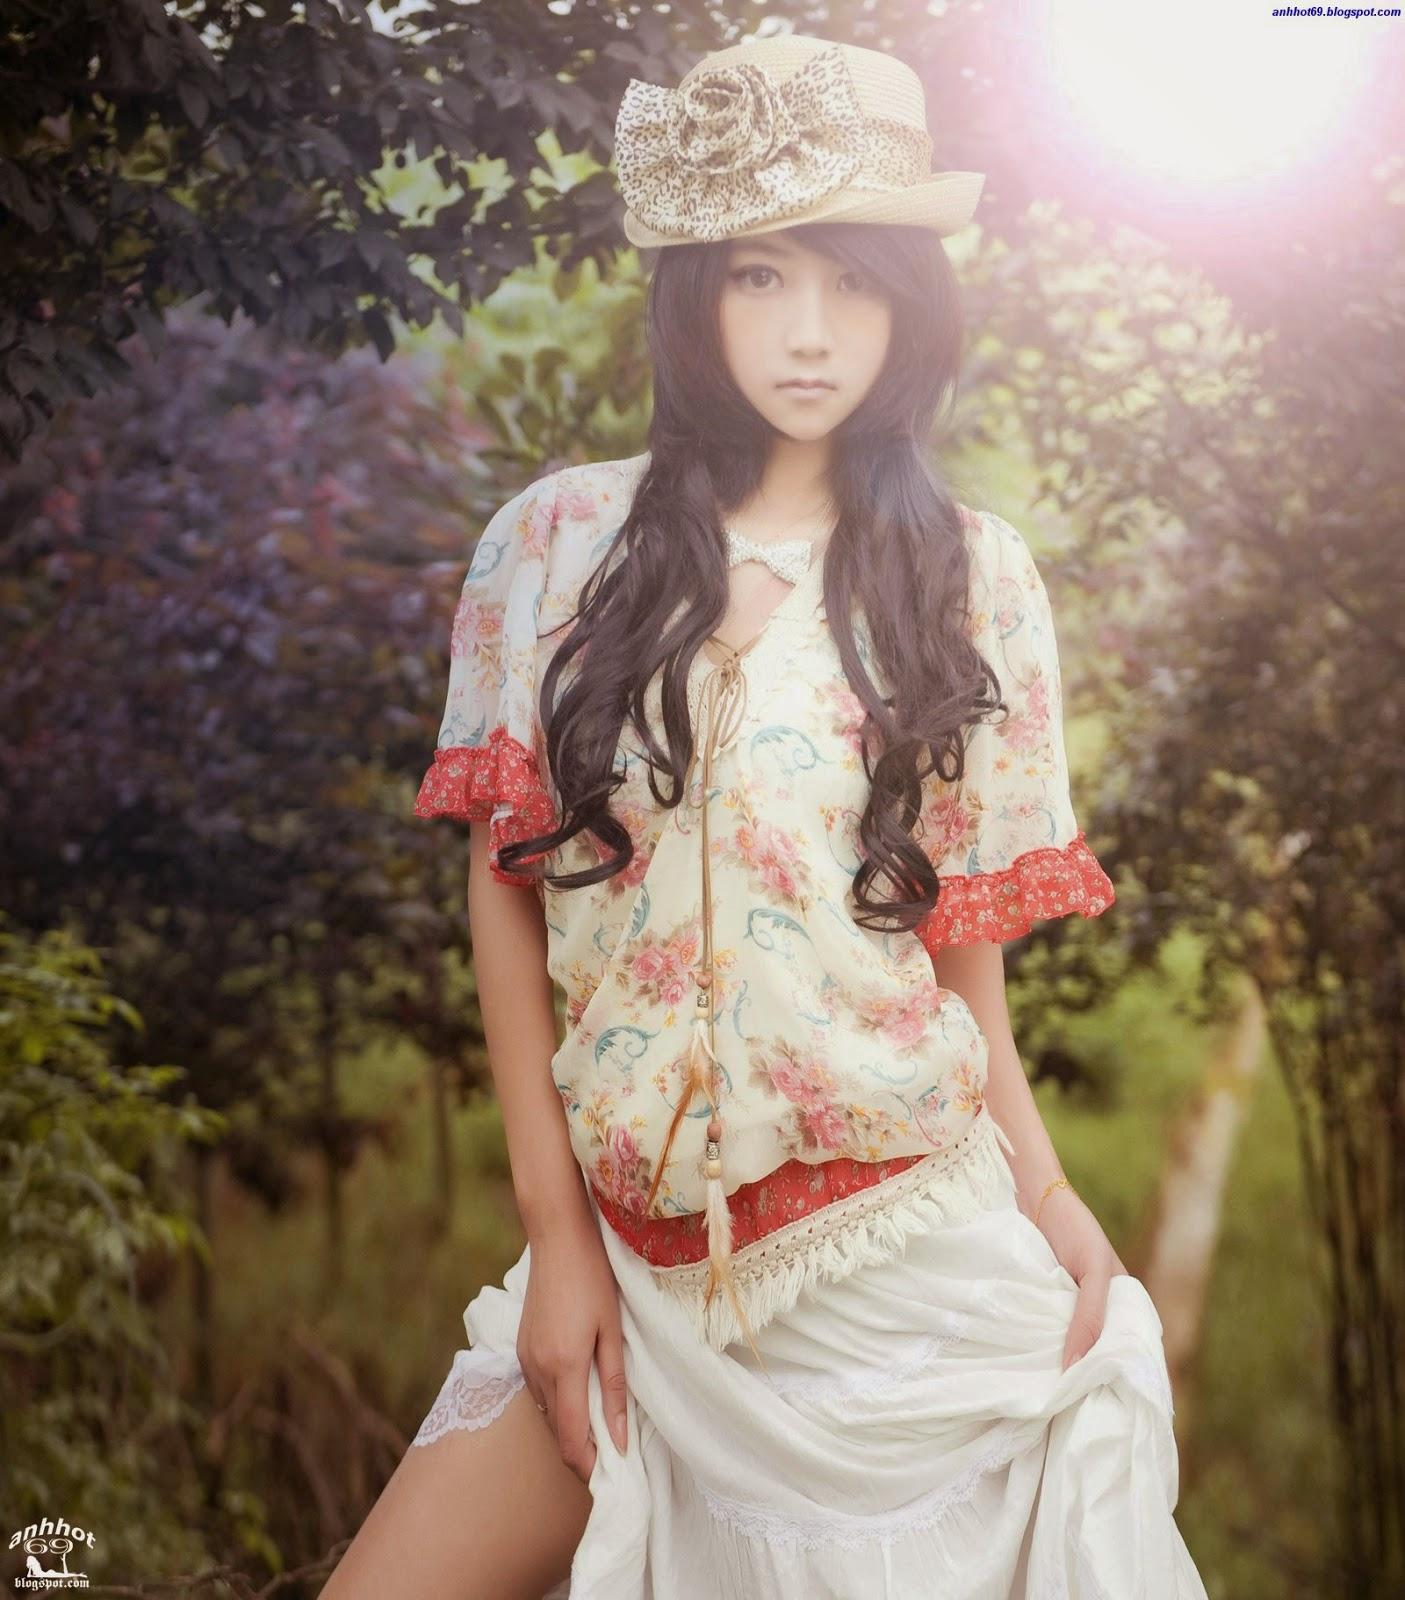 Vivi_Xia_Xiaowei_5247515_201307102026370929